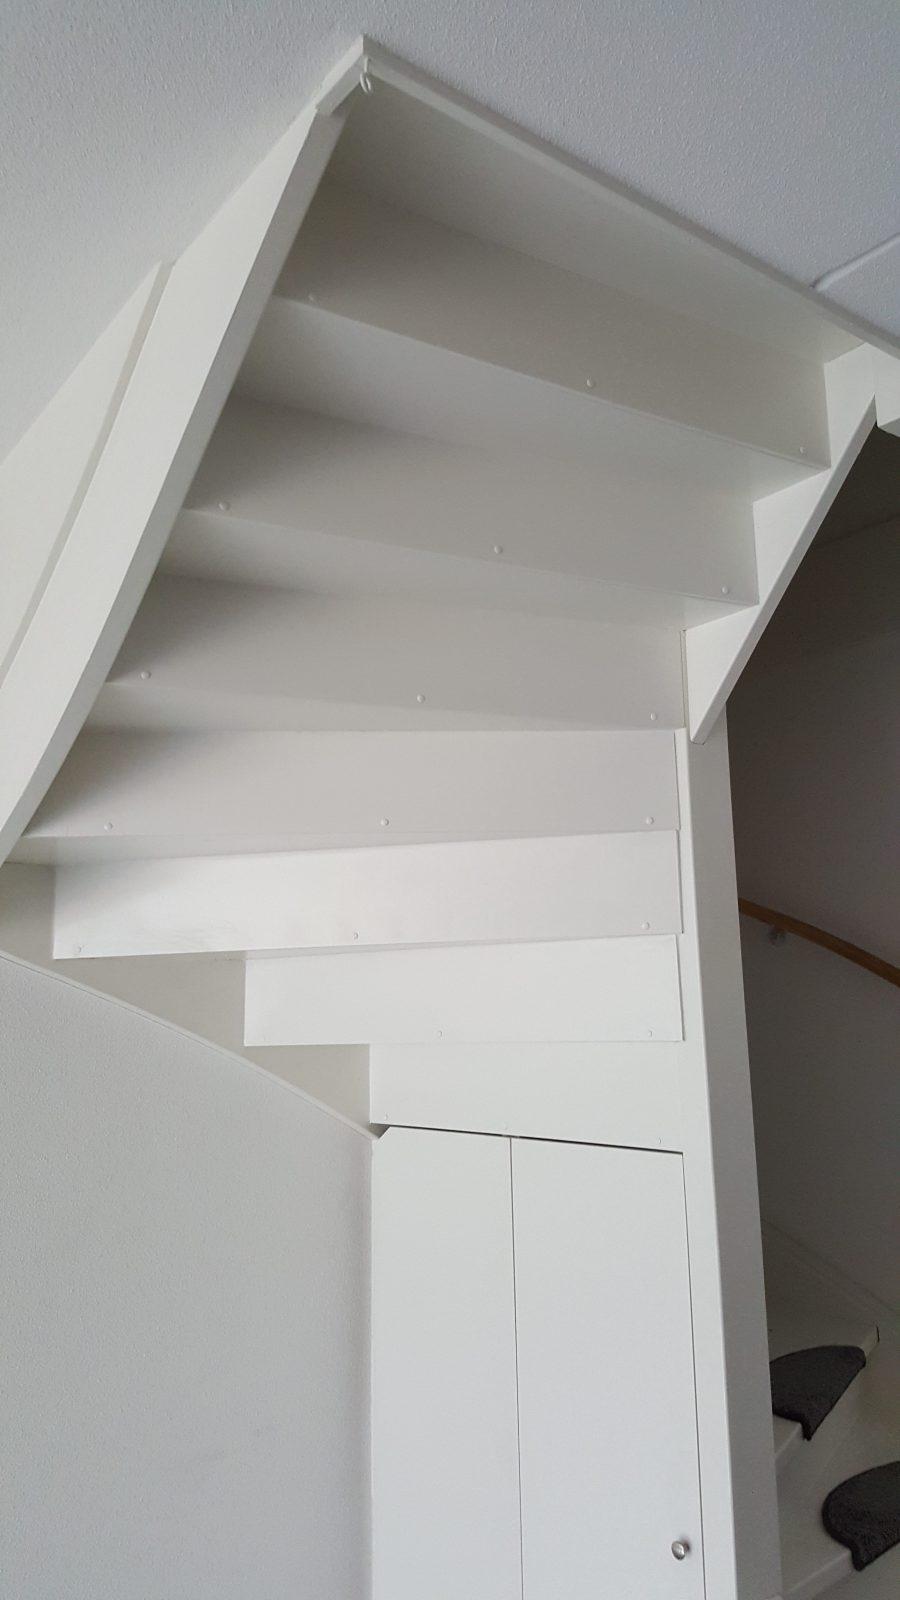 rbhoutwerk open trap dichtmaken